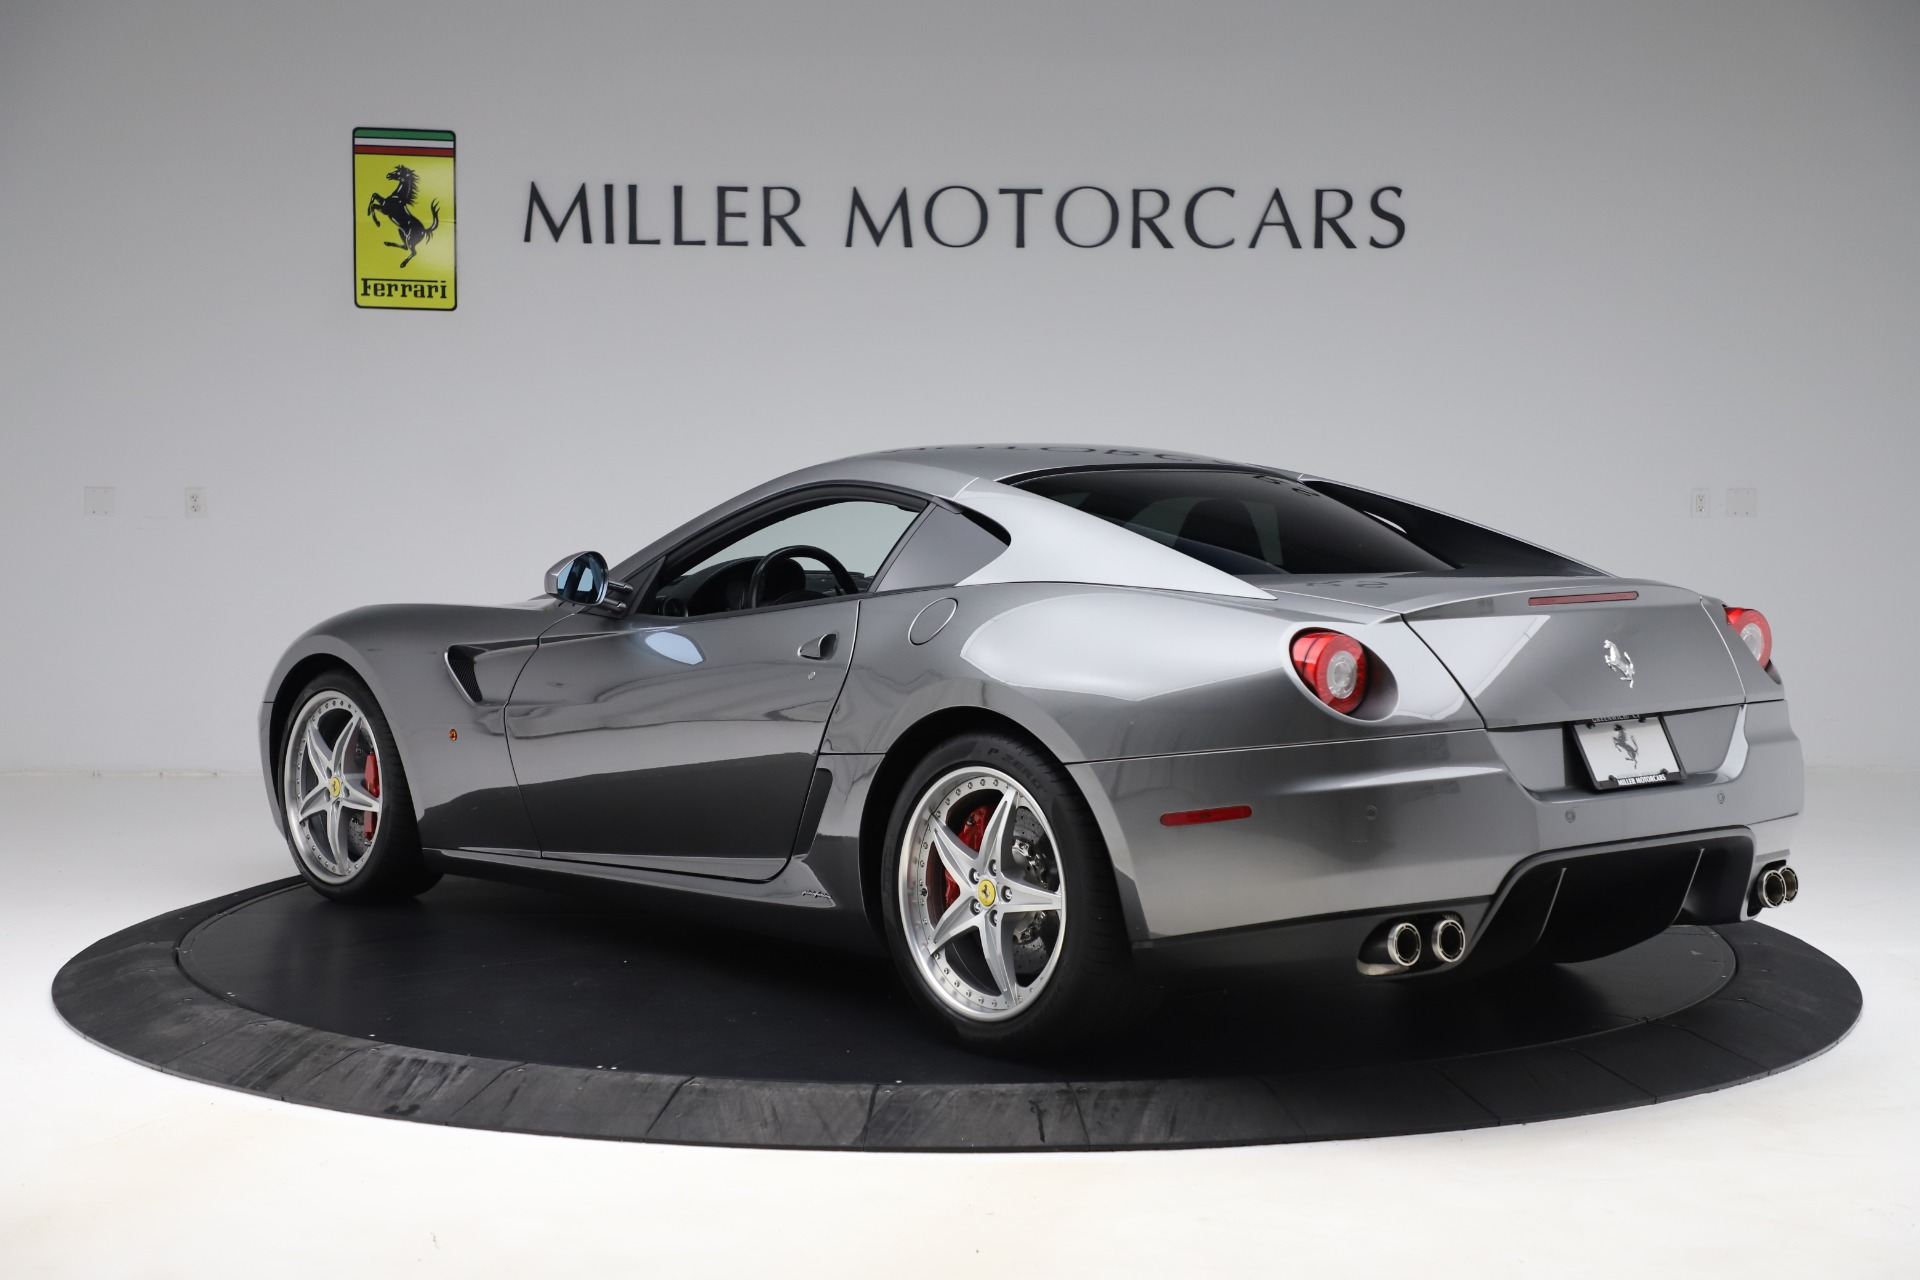 Used 2010 Ferrari 599 GTB Fiorano HGTE For Sale In Westport, CT 3544_p4